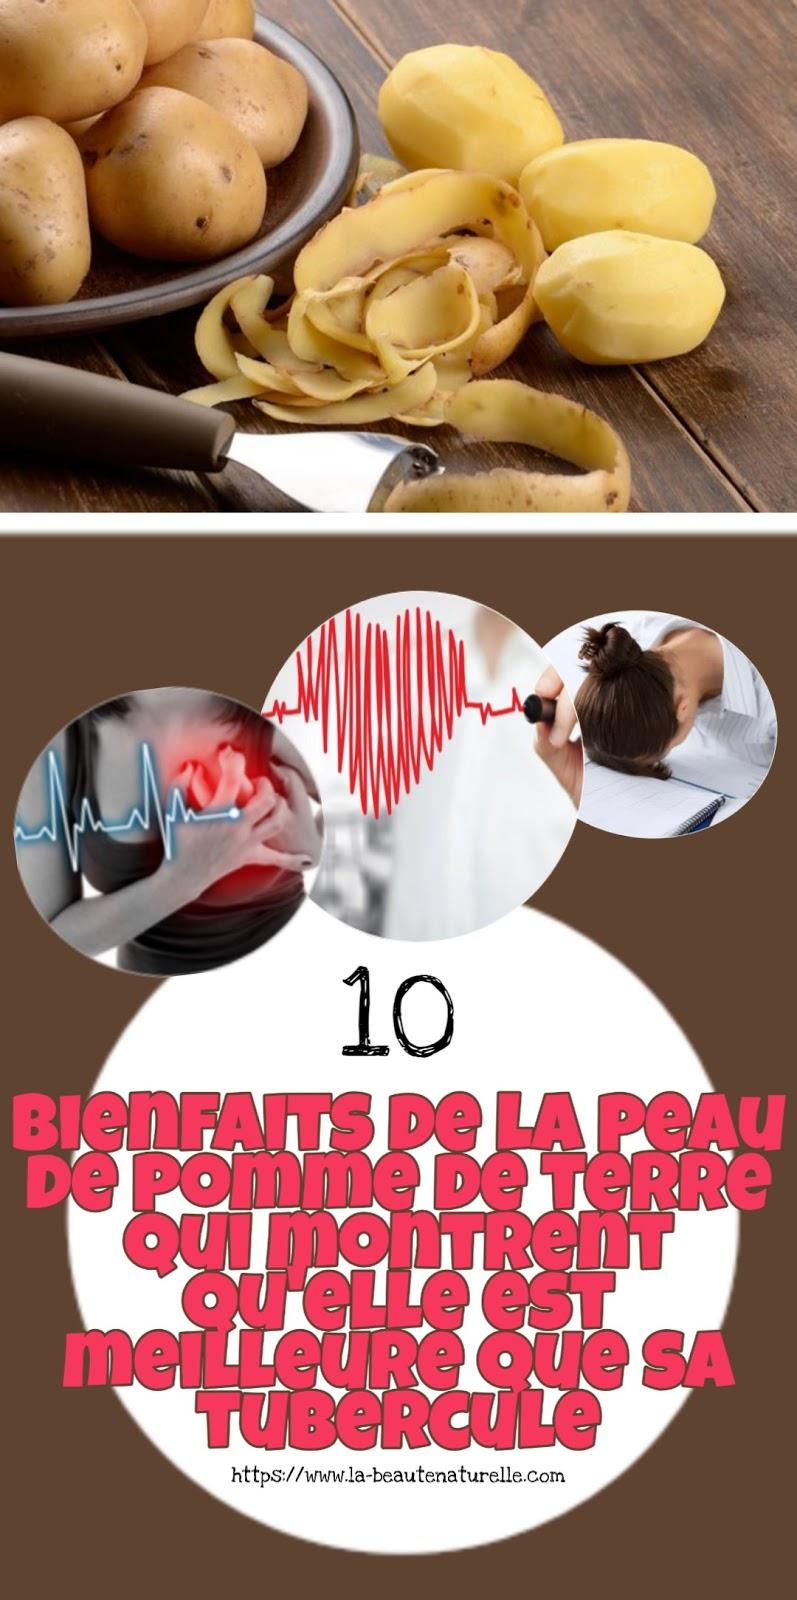 10 bienfaits de la peau de pomme de terre qui montrent qu'elle est meilleure que sa tubercule